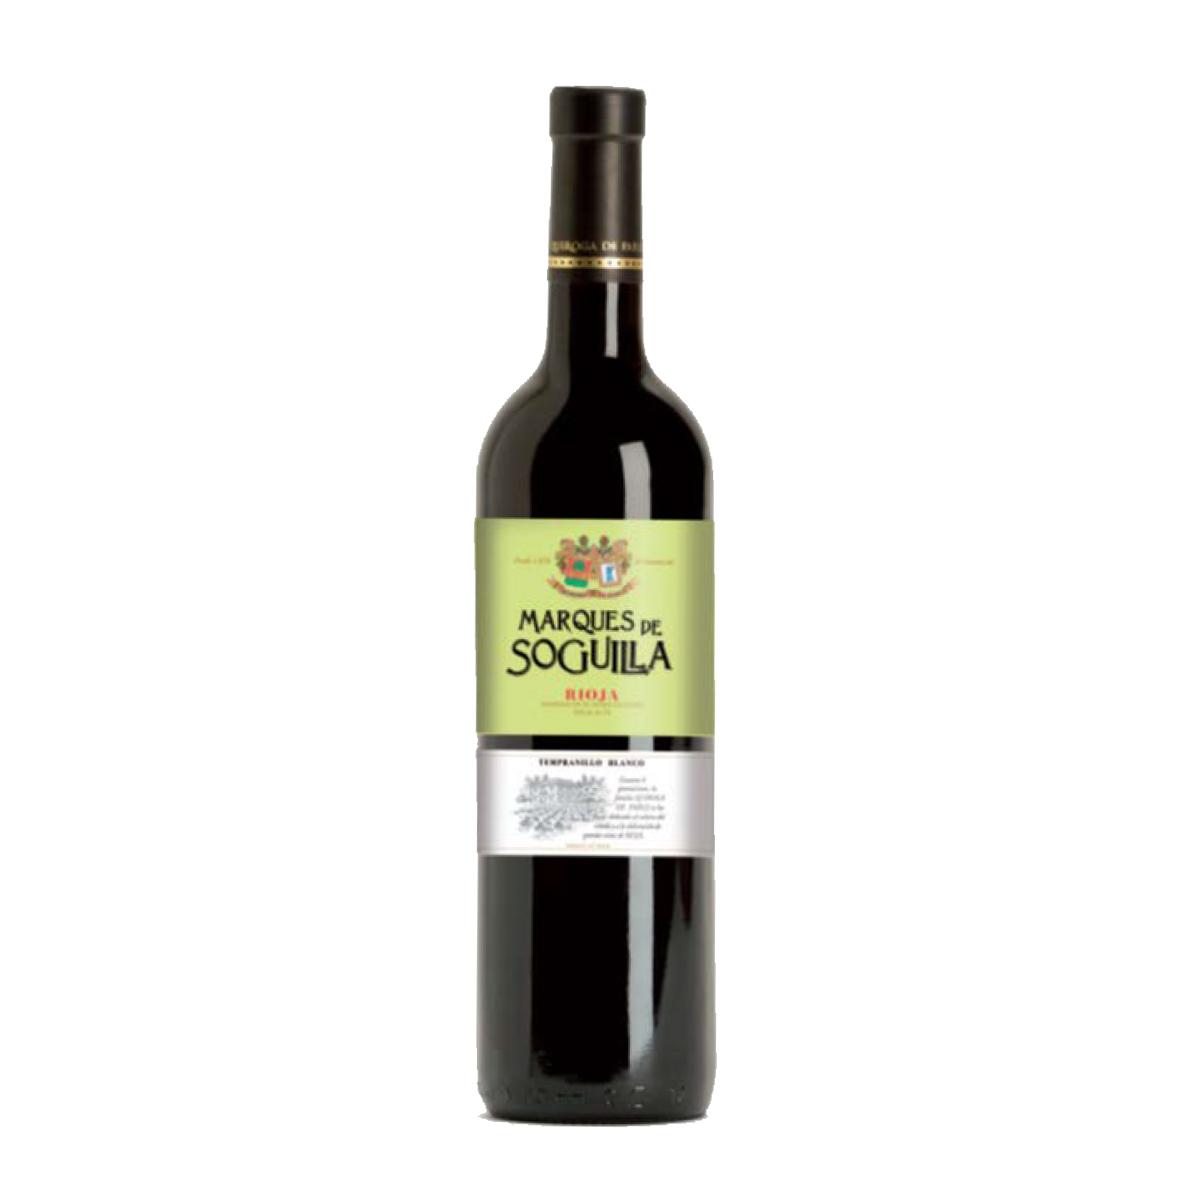 Marques de SOGUILLA 丹魄白葡萄酒 2020